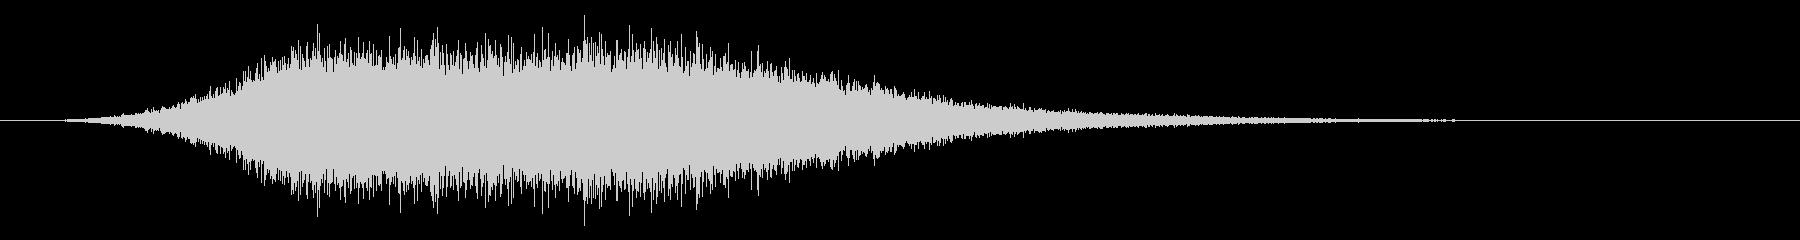 低Ro音2の未再生の波形